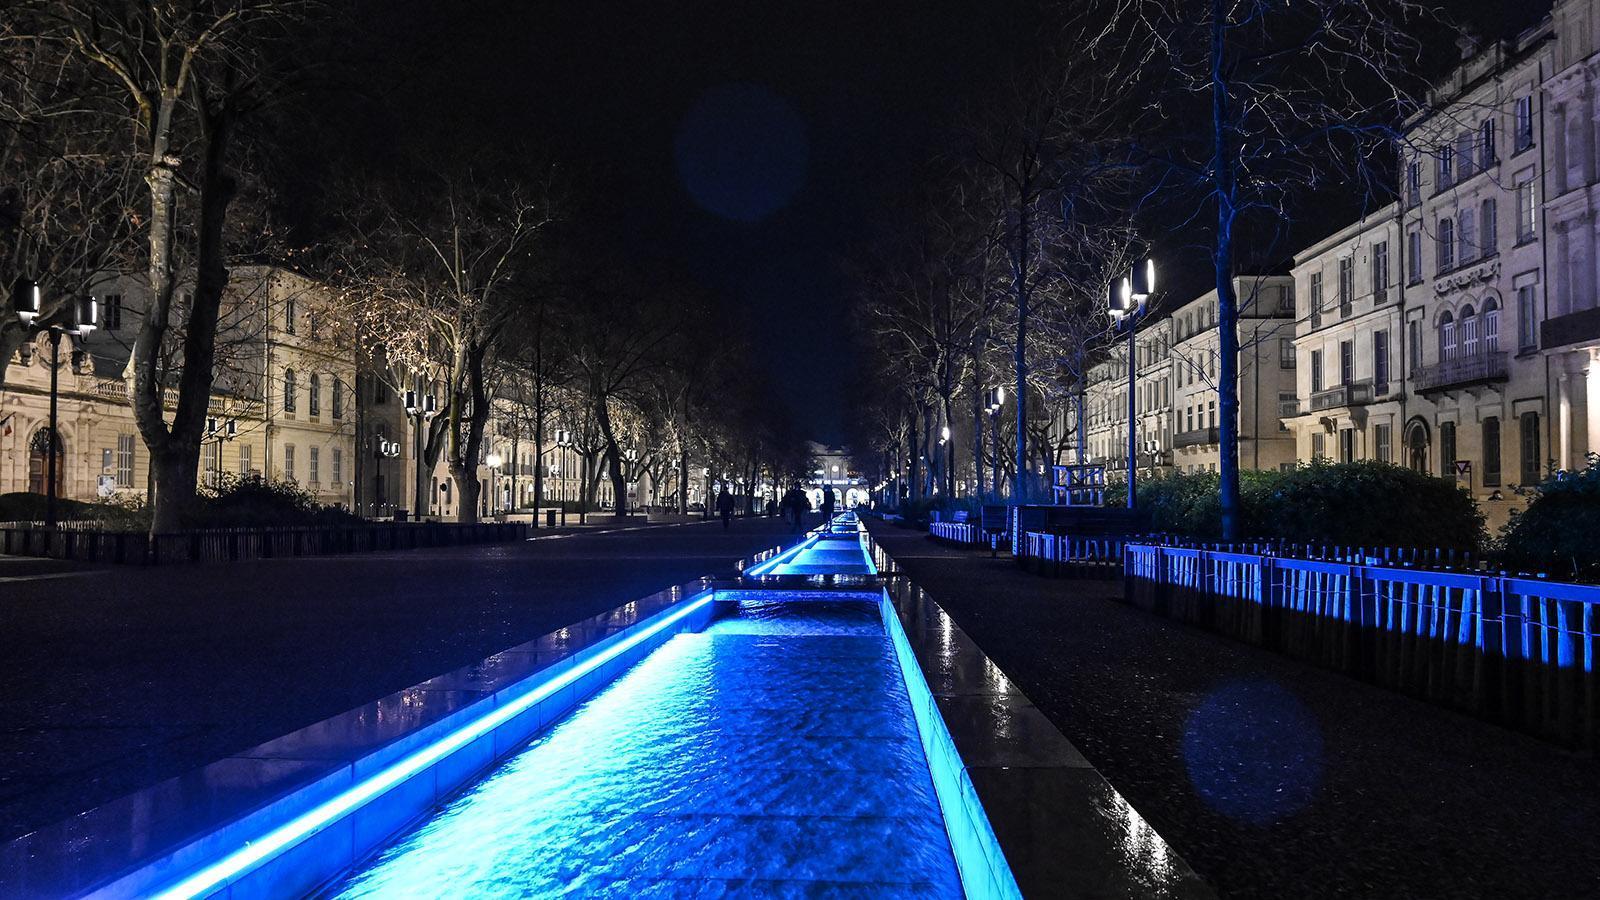 Nîmes: Die Esplanade zum Bahnhof wird abends vielfarbig beleuchtet. Foto: Hilke Maunder